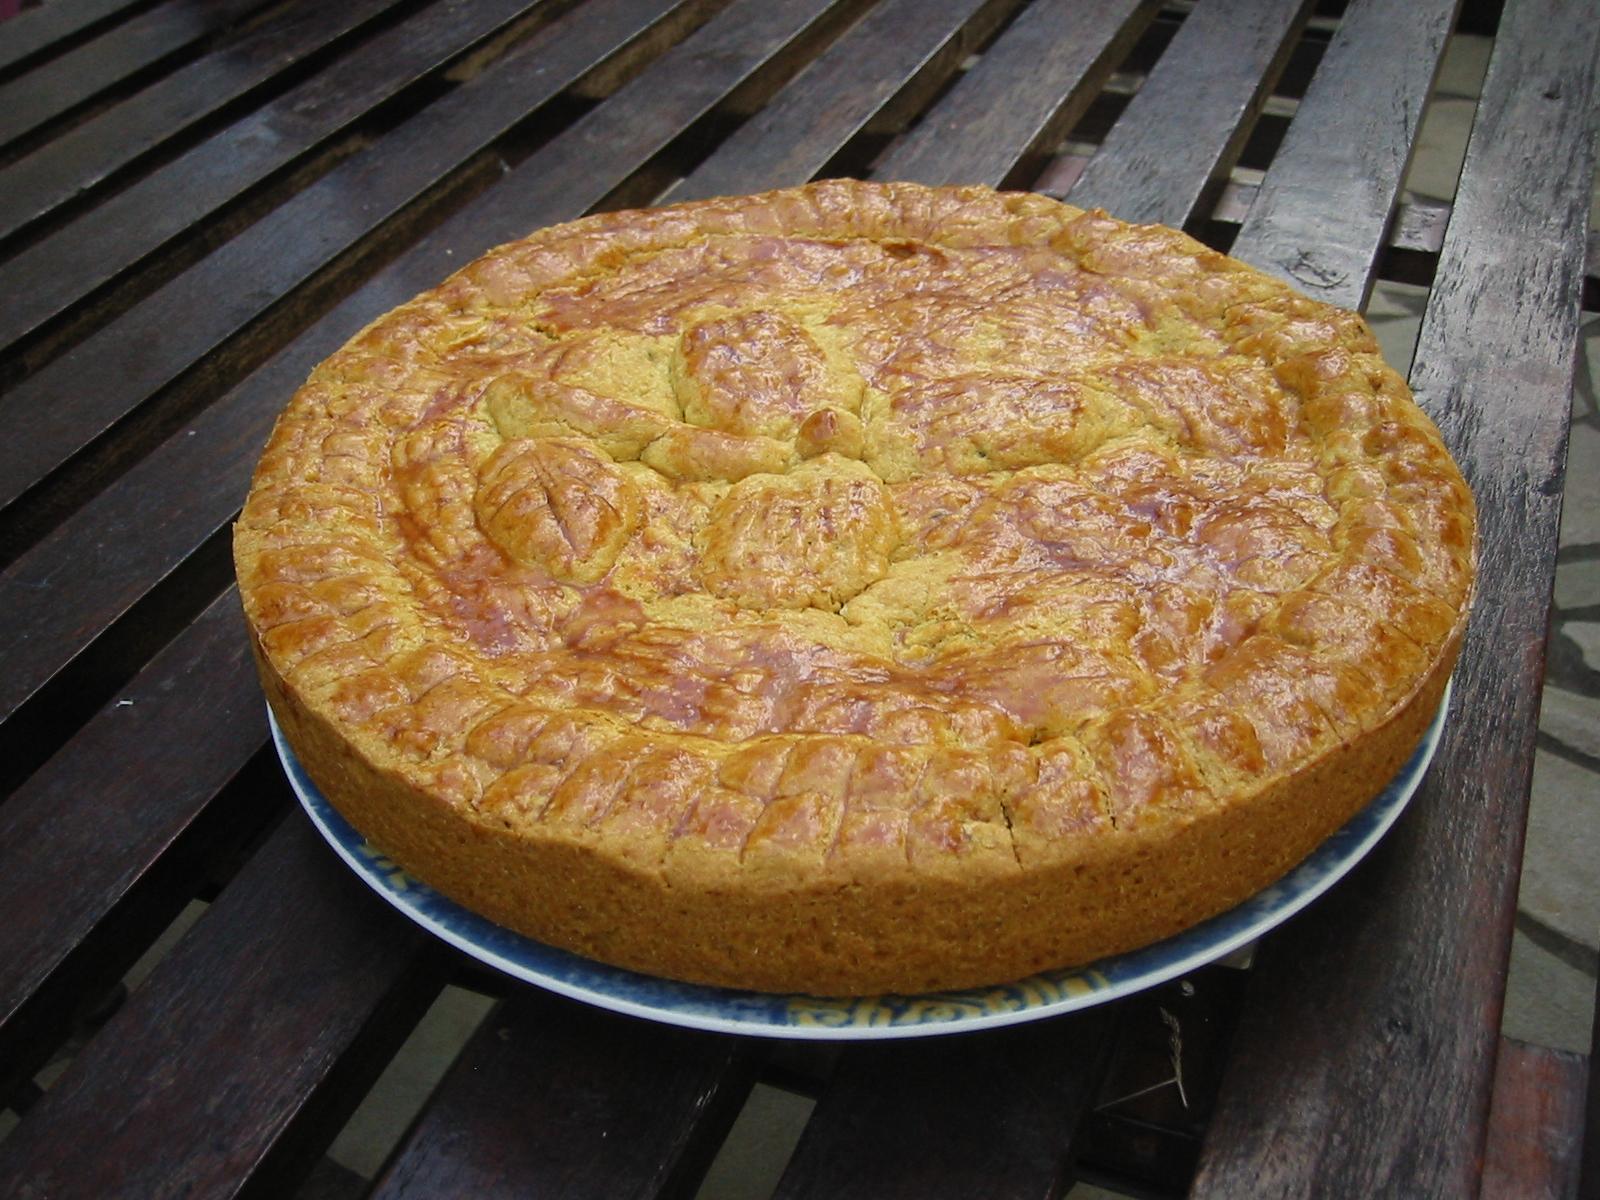 Le blog de la famille zanelli de labriere cuisine r unionnaise suite - Cuisine reunionnaise recette ...